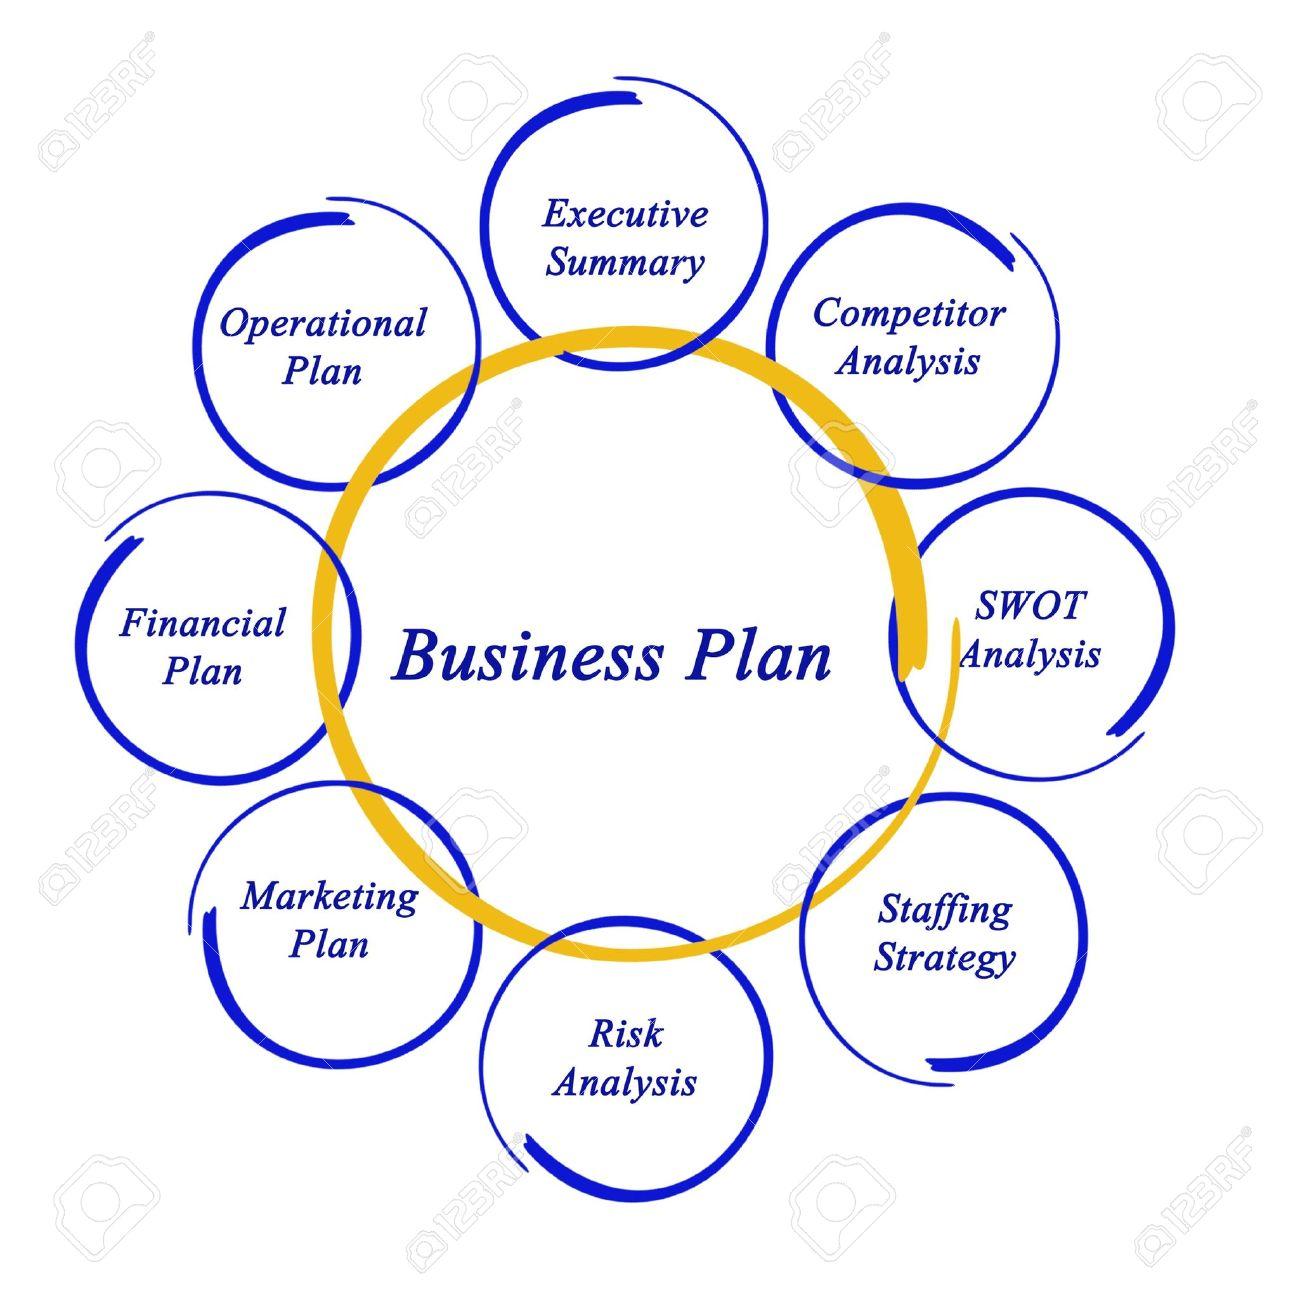 ビジネス プランの図 ロイヤリティーフリーフォト ピクチャー 画像